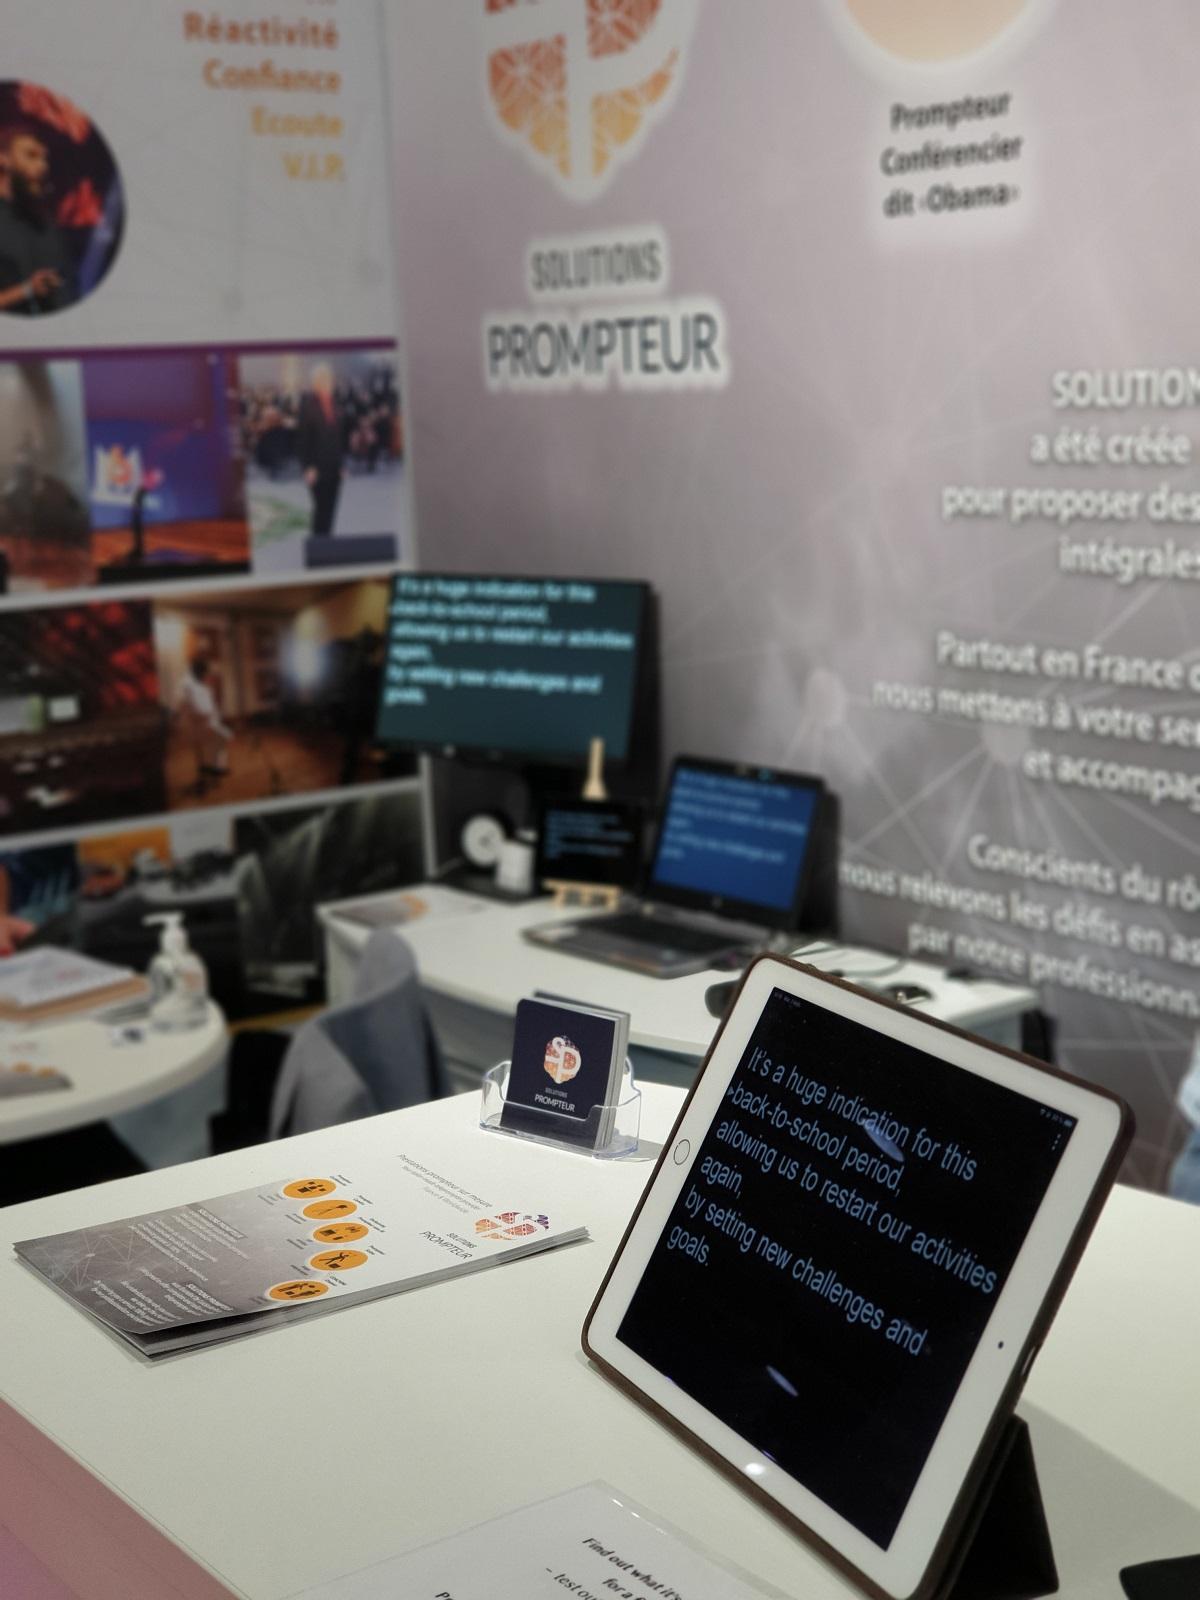 prompteur-sans-fil-solutions-prompteur-ipad-tablette-1